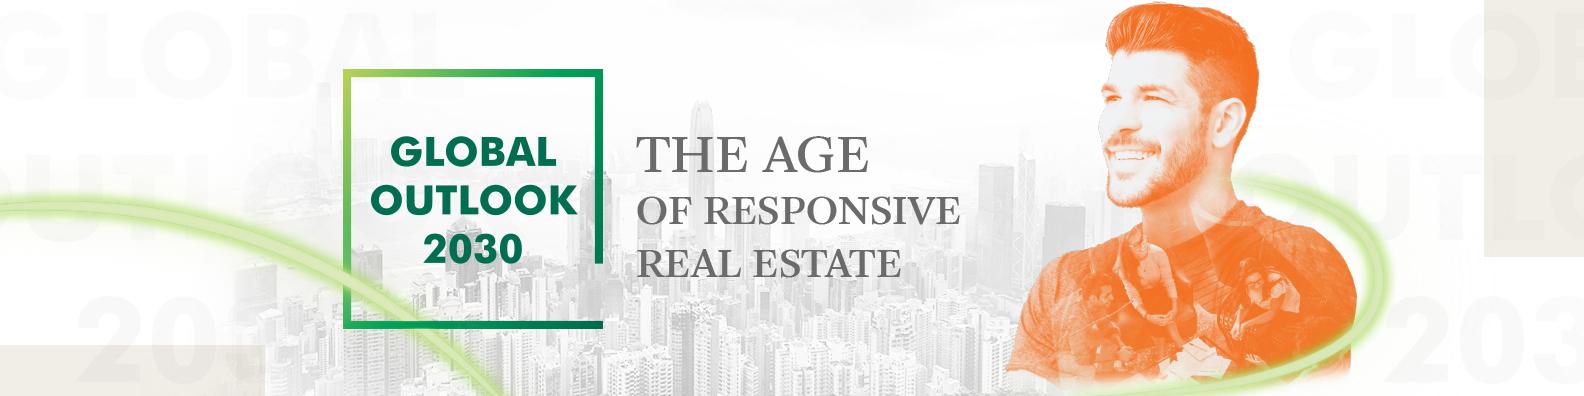 Preparar o futuro do imobiliário: 10 grandes tendências e desafios para o setor